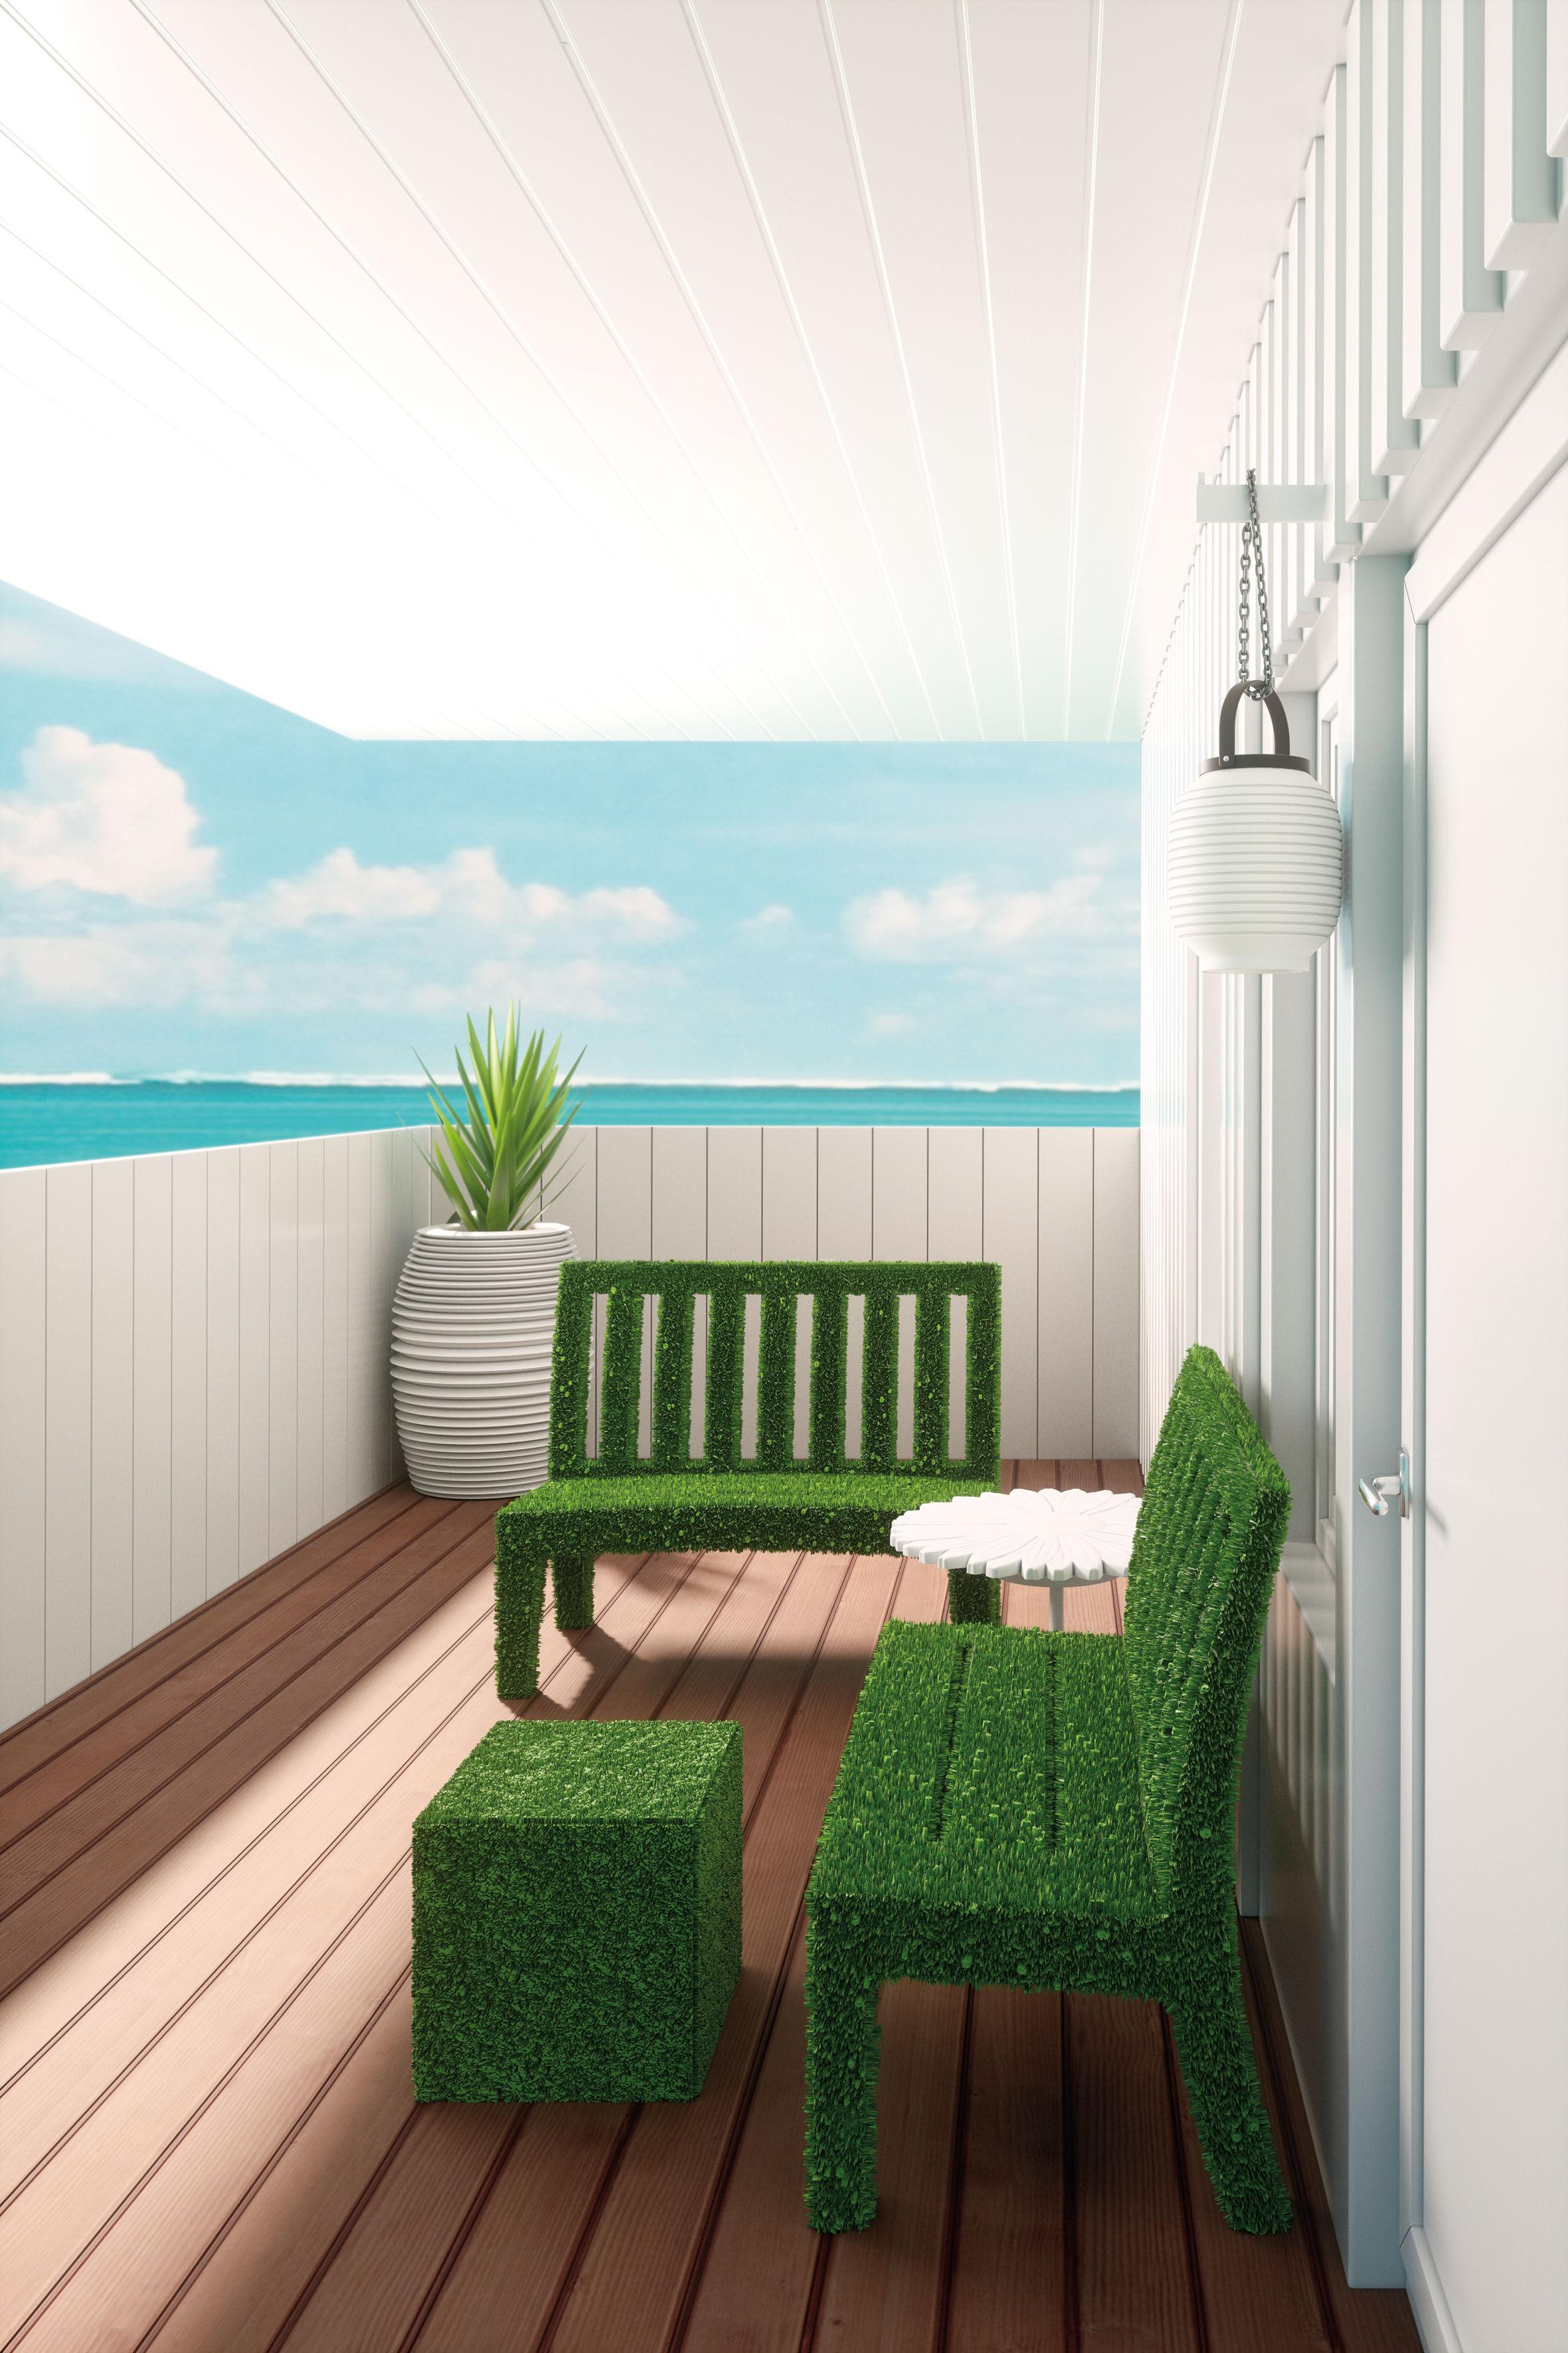 honey lampe ohne kabel wiederaufladbar wei griff beiges leder by serralunga made in design. Black Bedroom Furniture Sets. Home Design Ideas